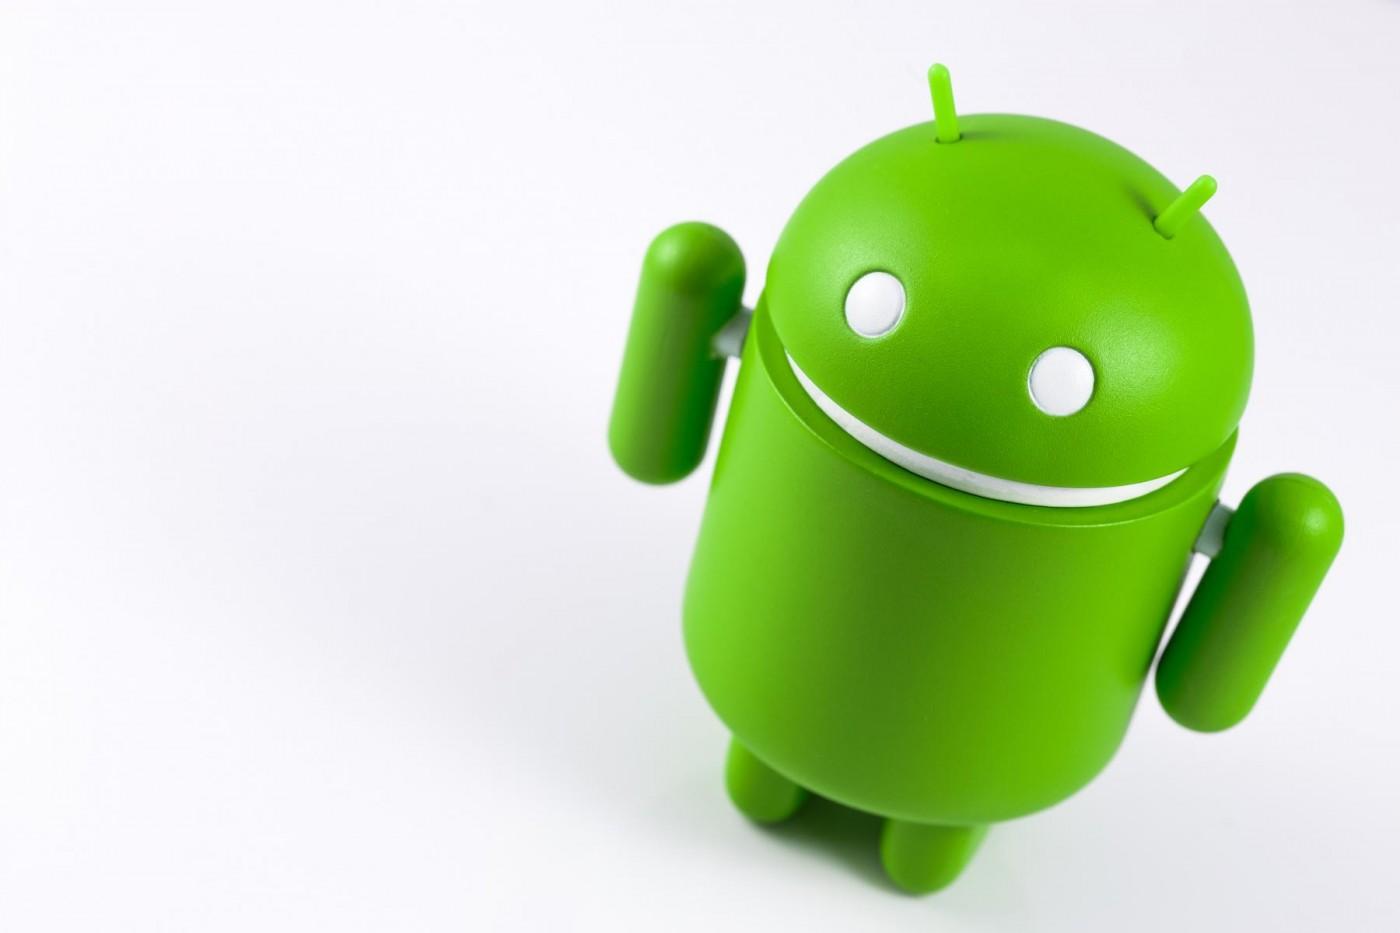 快檢查手機!Android系統安全更新不實,「補丁」沒定時發送